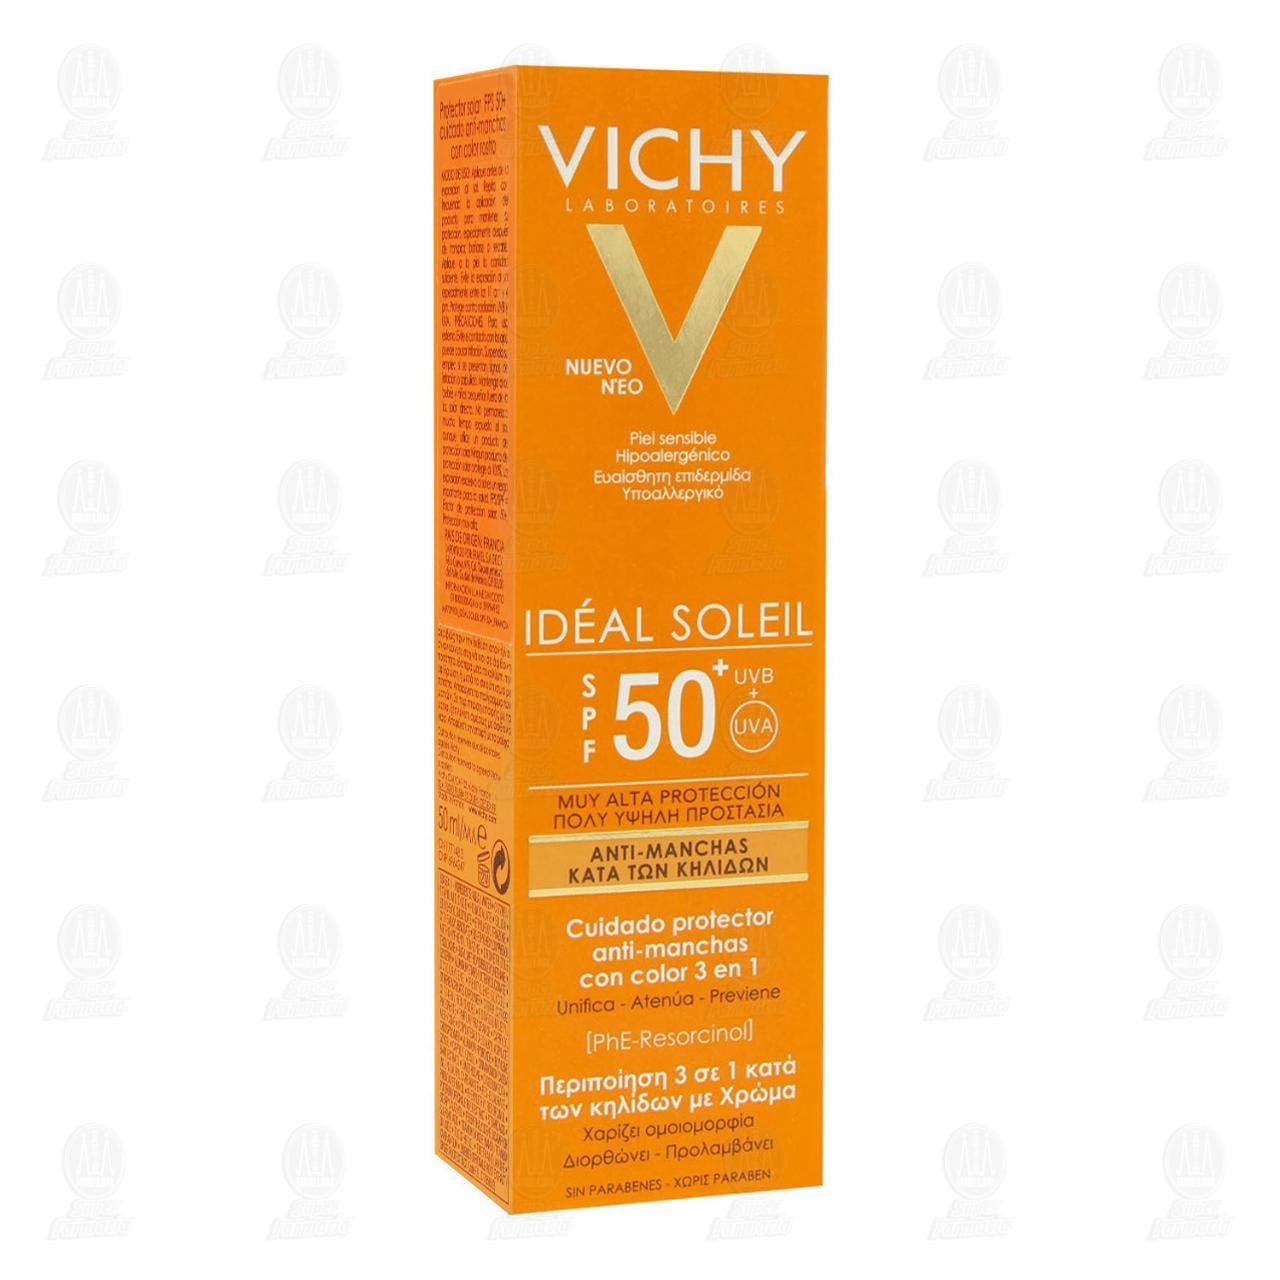 Comprar Vichy Idéal Soleil Anti-Manchas Cuidado Protector con Color 3 en 1 SPF 50, 50 ml. en Farmacias Guadalajara